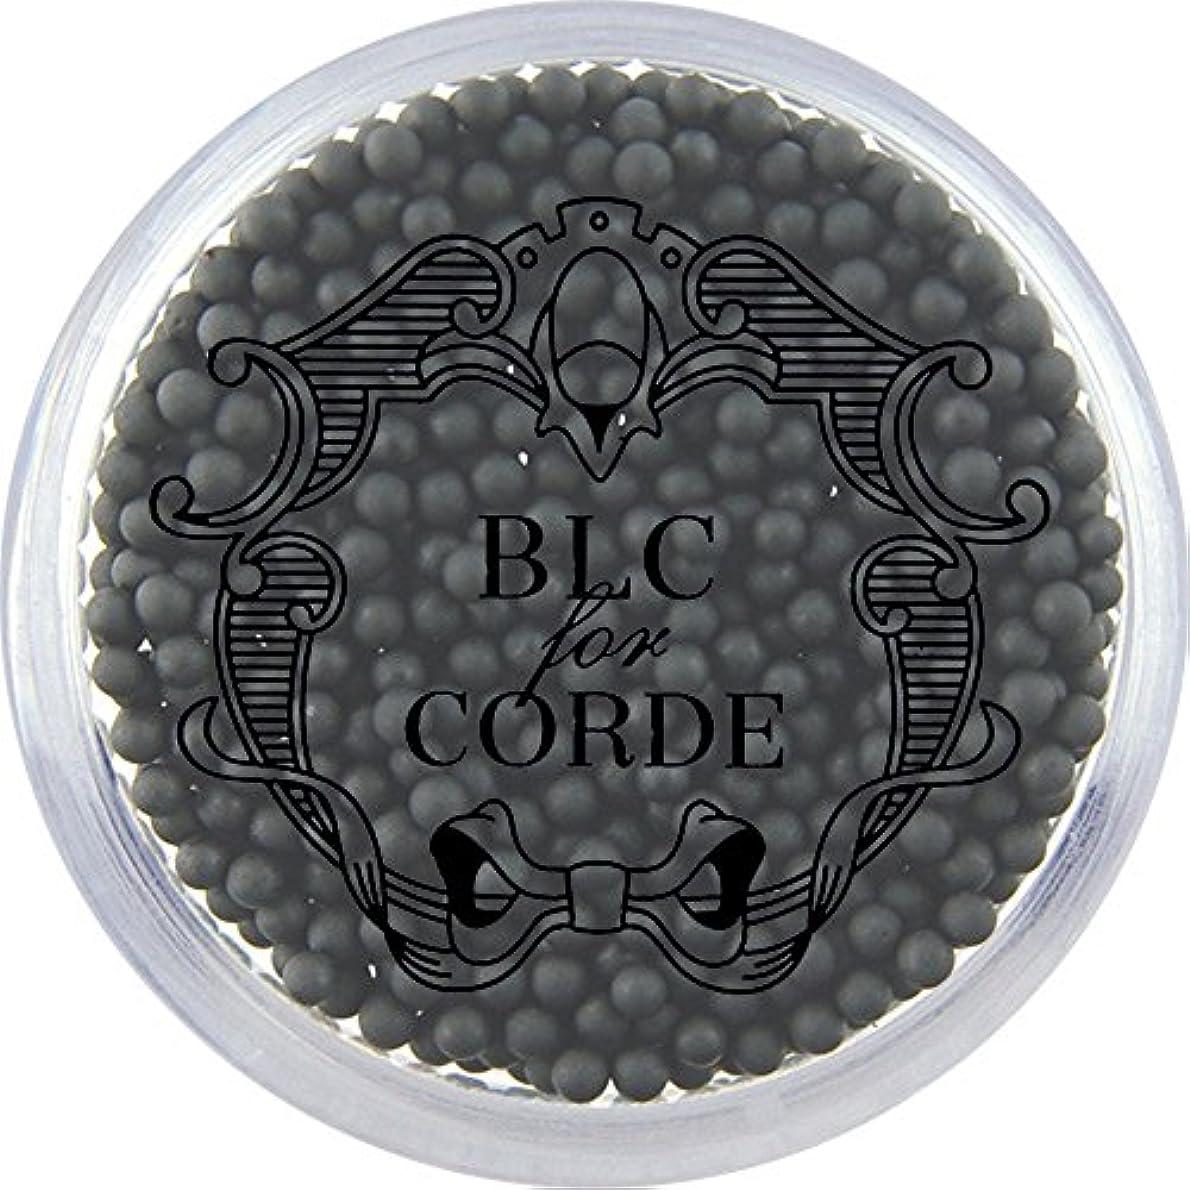 ダンプ汚れた鎮痛剤BLC FOR CORDE ガラスブリオン ブラック